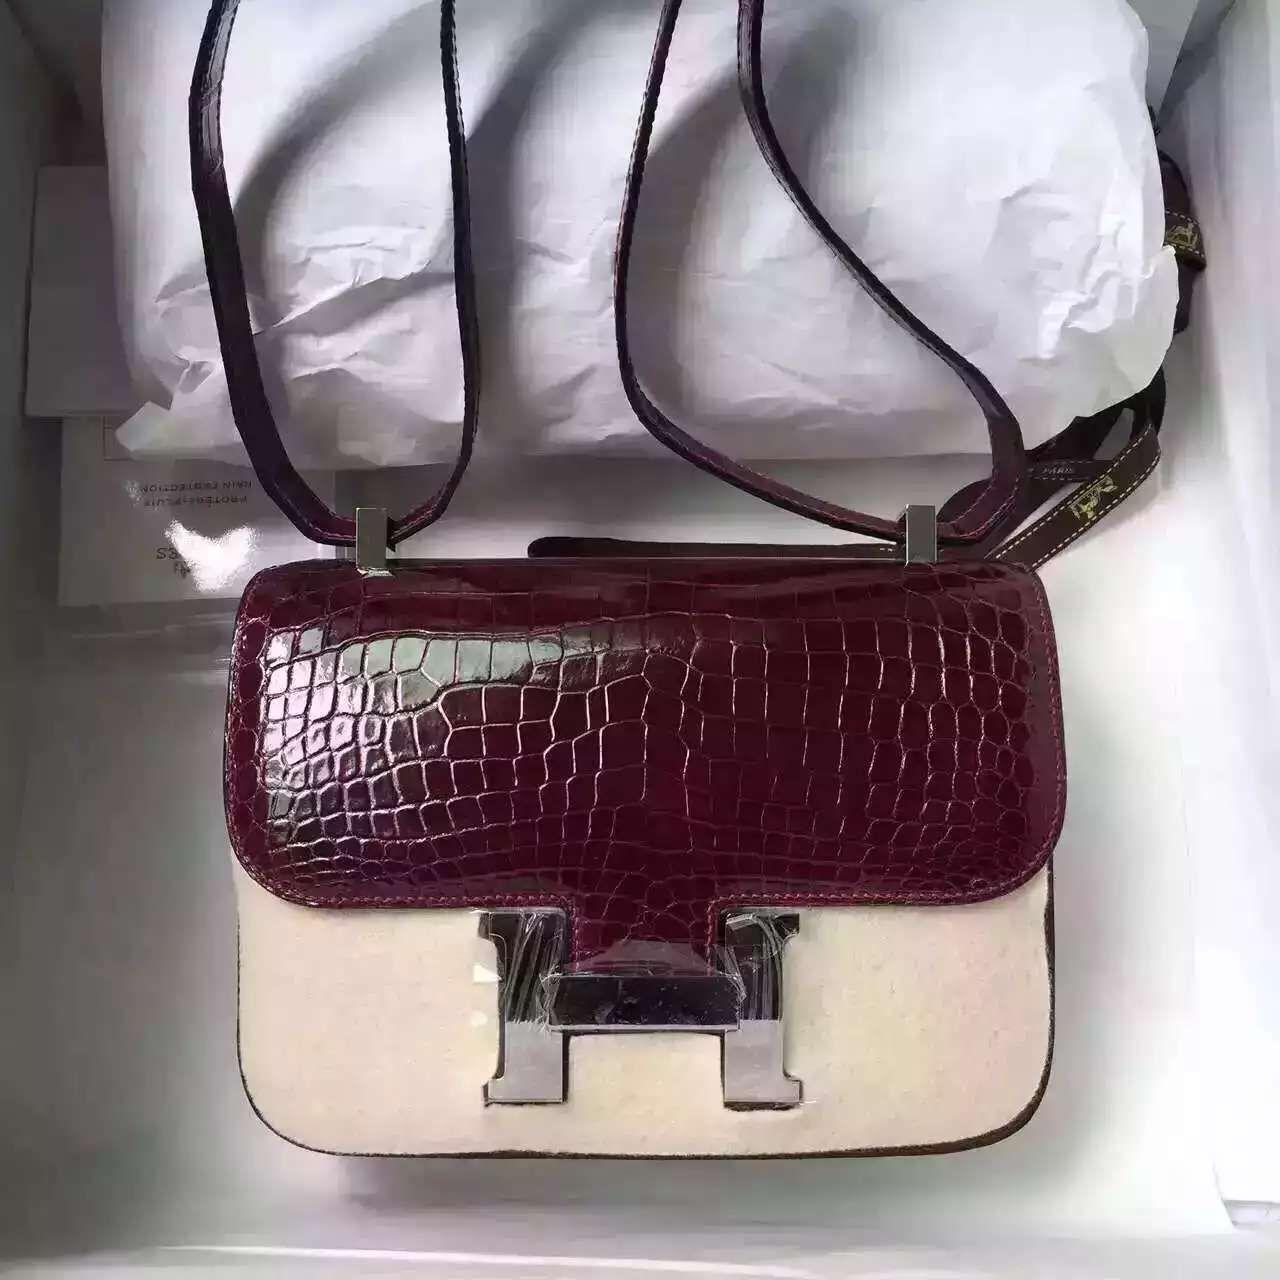 hermès Bag, ID : 41956(FORSALE:a@yybags.com), hermes backpack briefcase, hermes green leather handbag, hermes discount designer bags, hermes best handbags, hermes purses and wallets, hermes designer evening bags, hermes purse, hermes womens backpack, hermes bag preis, hermes custom backpacks, hermes pocket wallet, hermes sacs 2016 #hermèsBag #hermès #hermes #sacs #2016